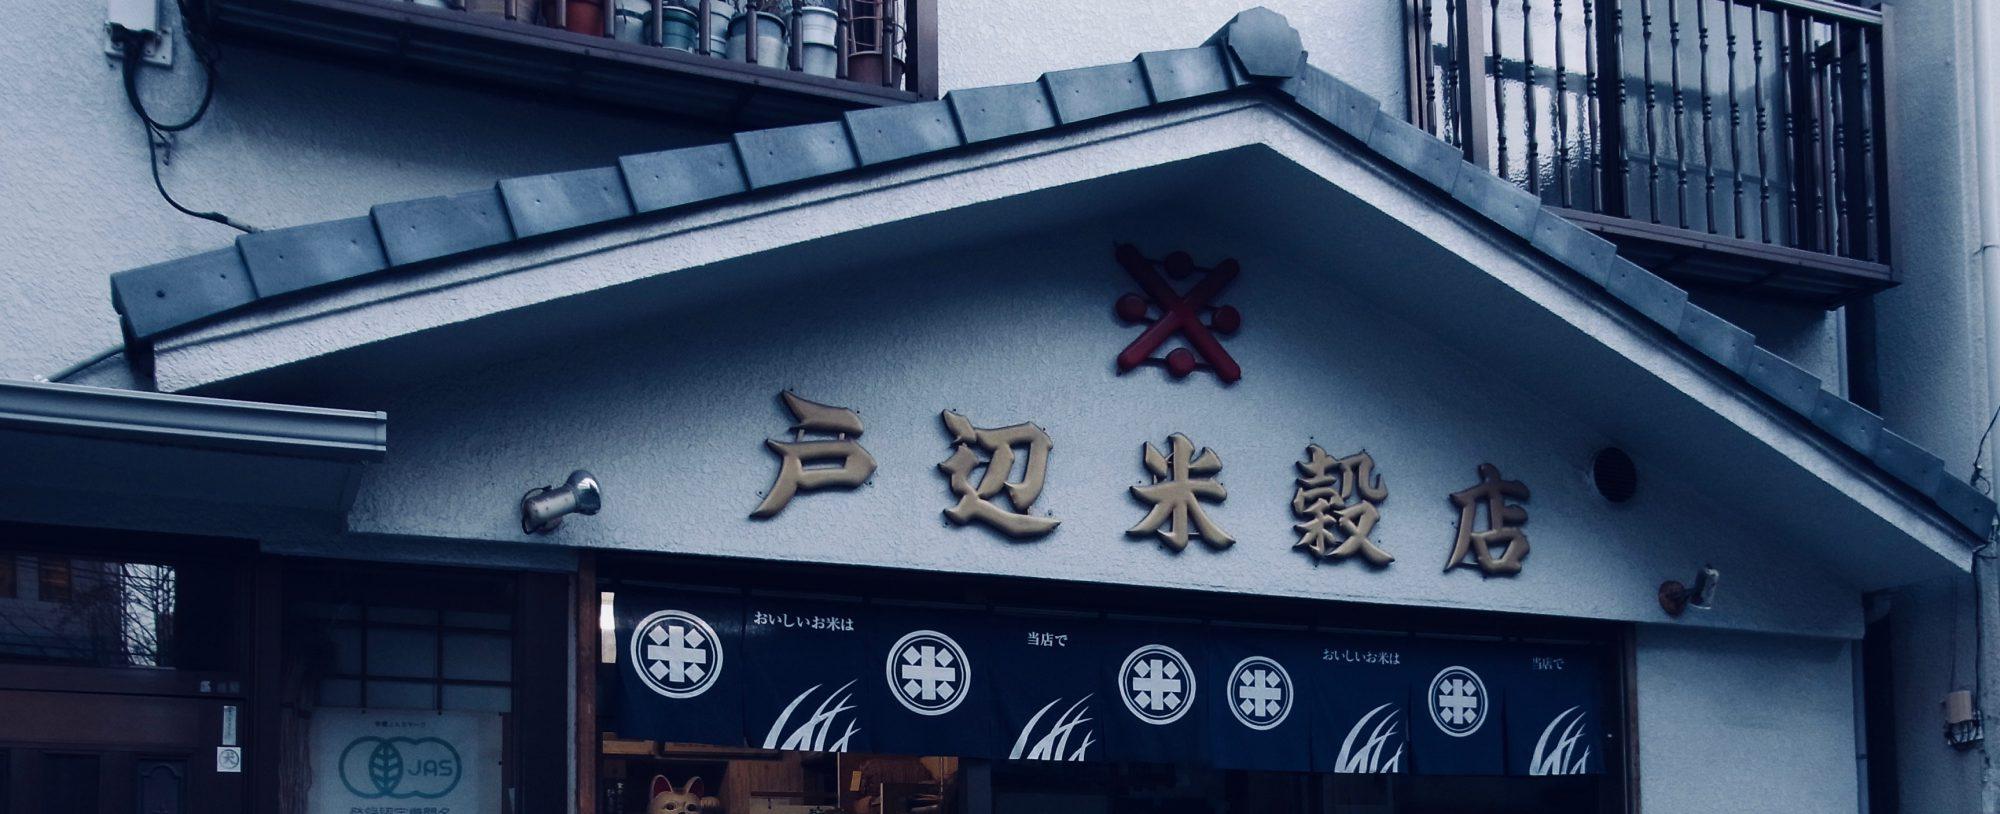 戸辺米穀店